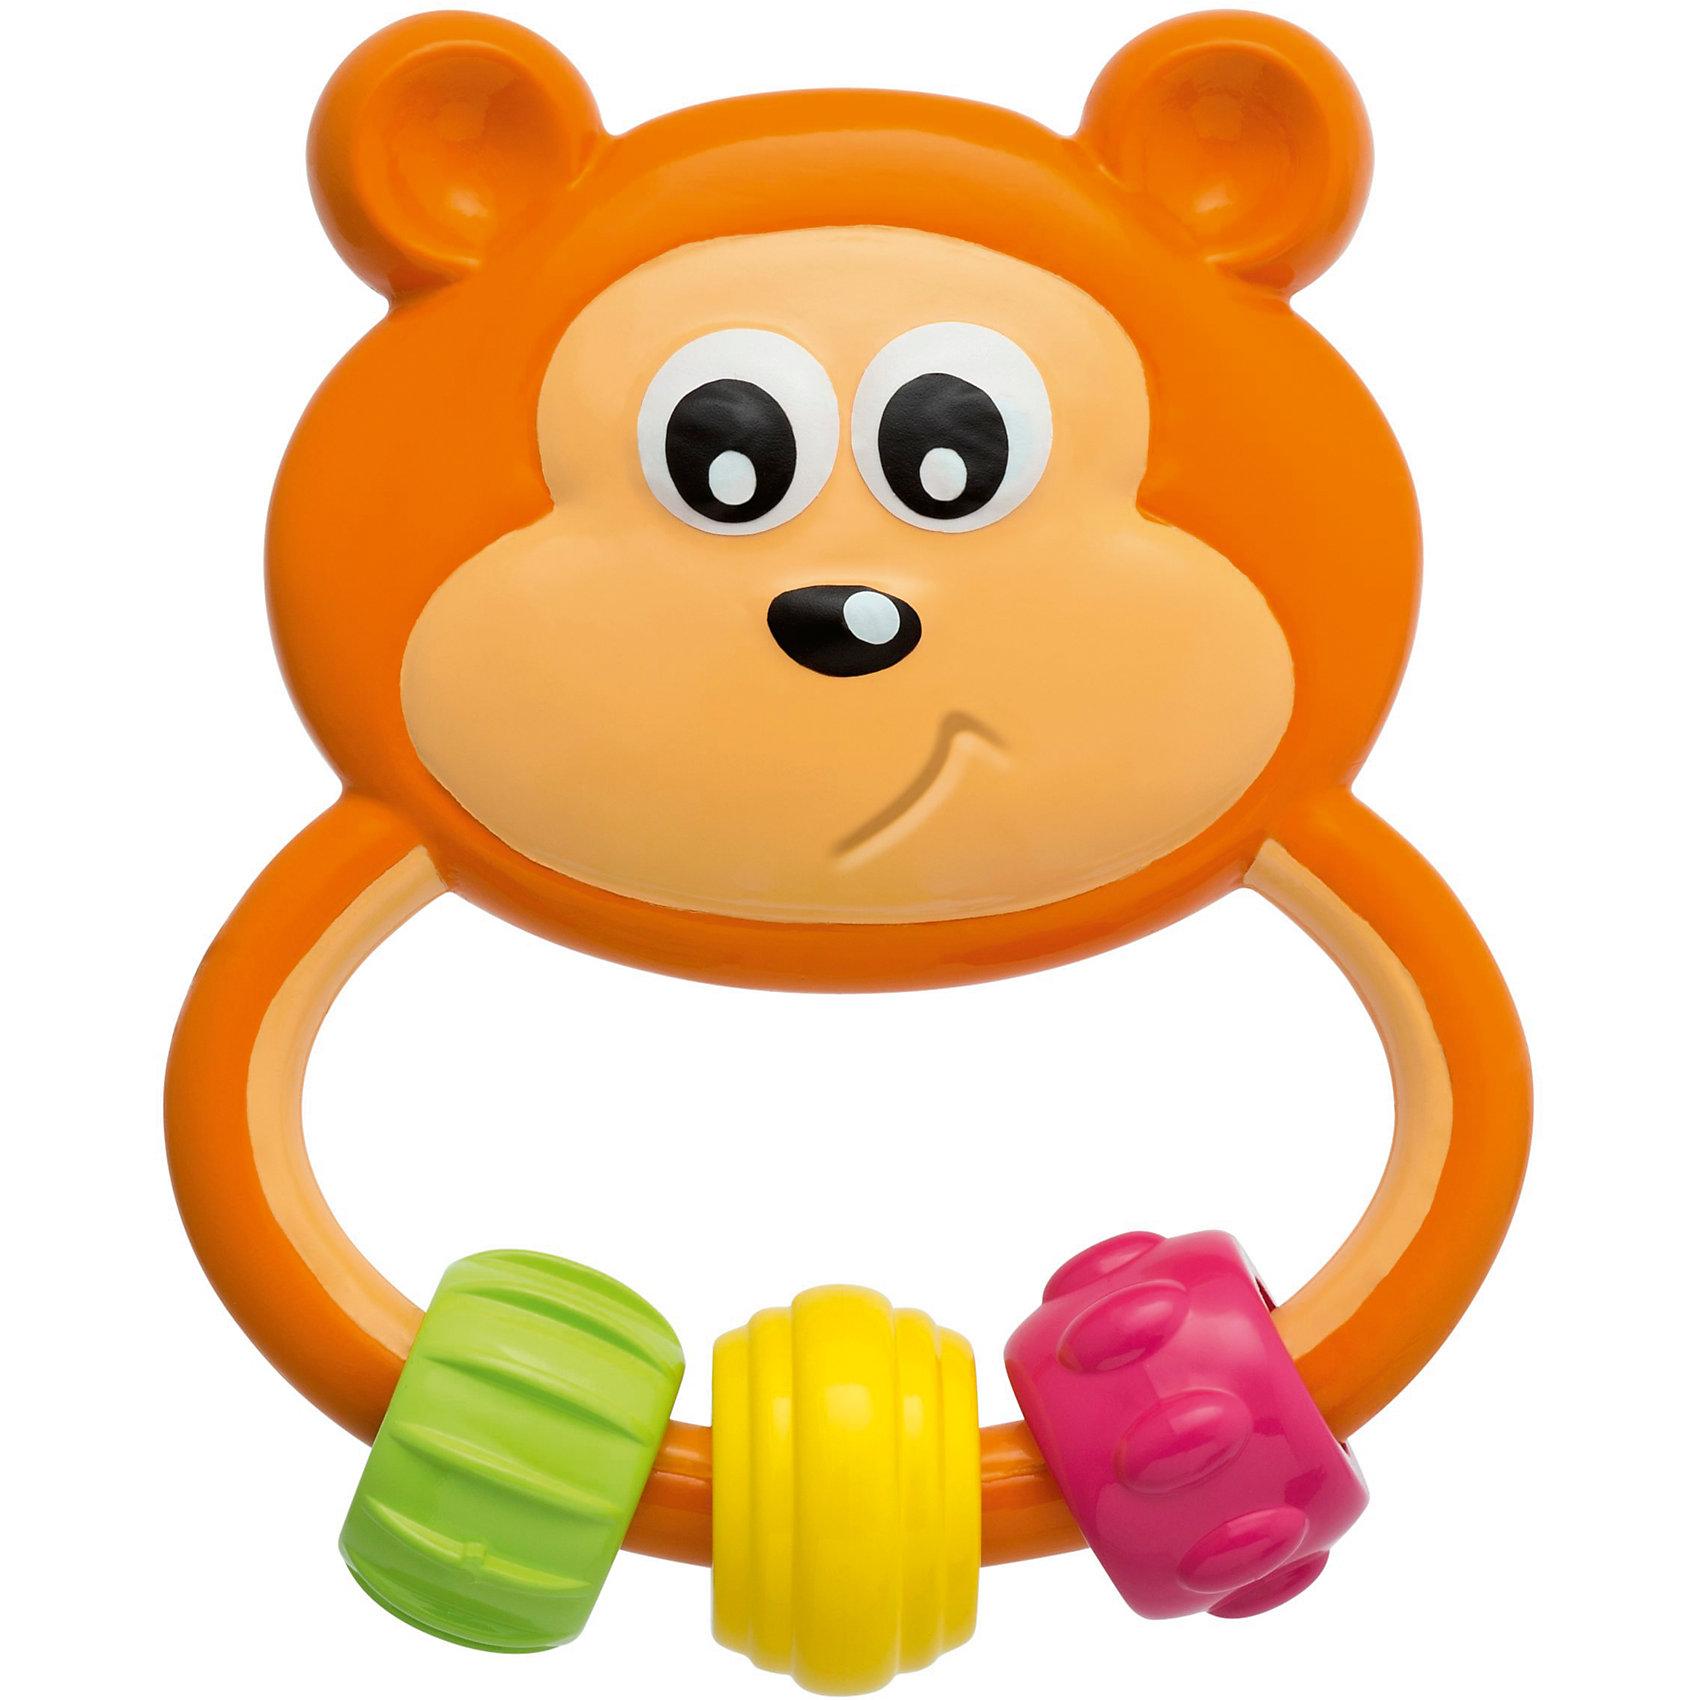 Игрушка-погремушка Медвежонок , ChiccoИгрушка-погремушка Медвежонок, Chicco (Чикко).<br><br>Характеристики: <br><br>• Размер: 2*8*10 см.<br>• Цвет: коричневый.<br>• Материал: гипоаллергенная пластмасса.<br>• Вес: 60г.<br><br>Игрушка-погремушка Медвежонок от известного итальянского бренда Chicco обязательно заинтересует вашего малыша. Забавный задумчивый медвежонок, разработан специально для малышей в возрасте от трех месяцев. Малый вес игрушки, эргономичная ручка, материал высокого качества – это отличительные особенности данной погремушки. На ручке у Медвежонка Chicco подвешены три подвижные детали разного цвета и фактуры, которые будут отлично развивать мелкую моторику ребенка и облегчат состояние во время прорезывания зубов. Такая игрушка развивает зрительное и слуховое восприятие, а также хватательный рефлекс вашего крохи. <br><br>Игрушку - погремушку Медвежонок, Chicco (Чикко), можно купить в нашем интернет-магазине.<br><br>Ширина мм: 180<br>Глубина мм: 146<br>Высота мм: 30<br>Вес г: 63<br>Возраст от месяцев: 3<br>Возраст до месяцев: 36<br>Пол: Унисекс<br>Возраст: Детский<br>SKU: 5105197